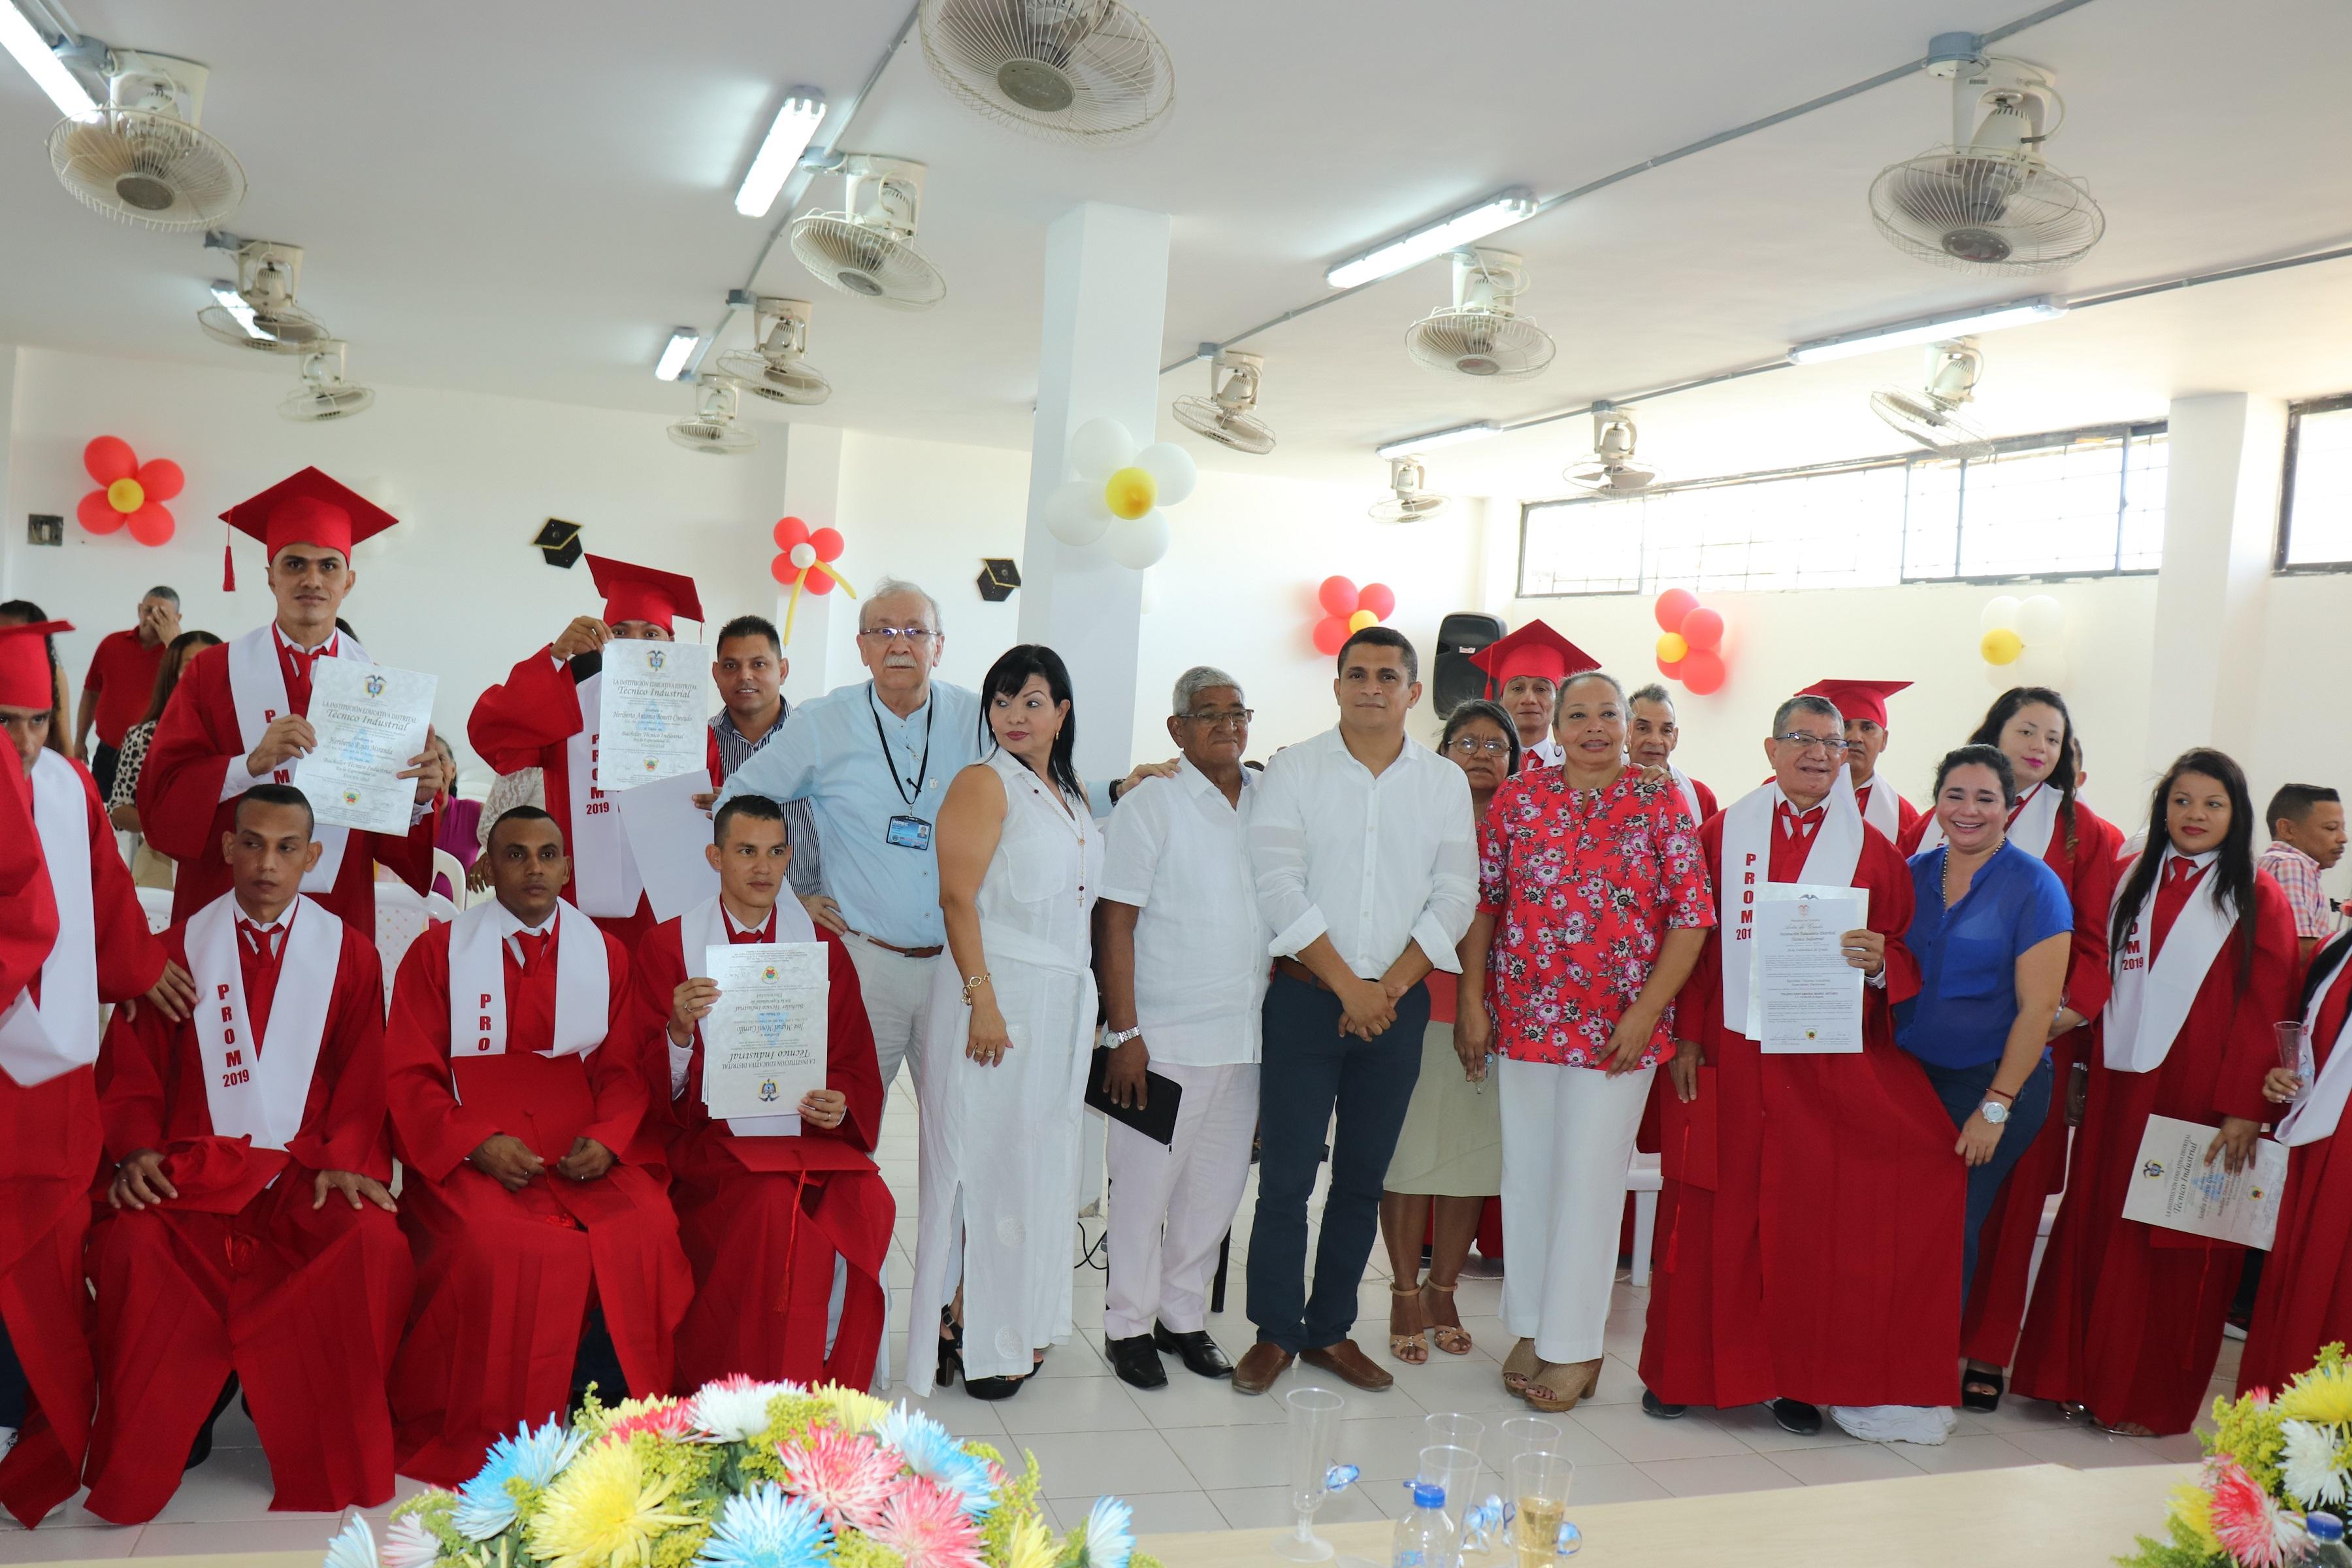 Alcaldía del Cambio acompañó ceremonia de graduación en Cárcel Rodrigo de Bastidas